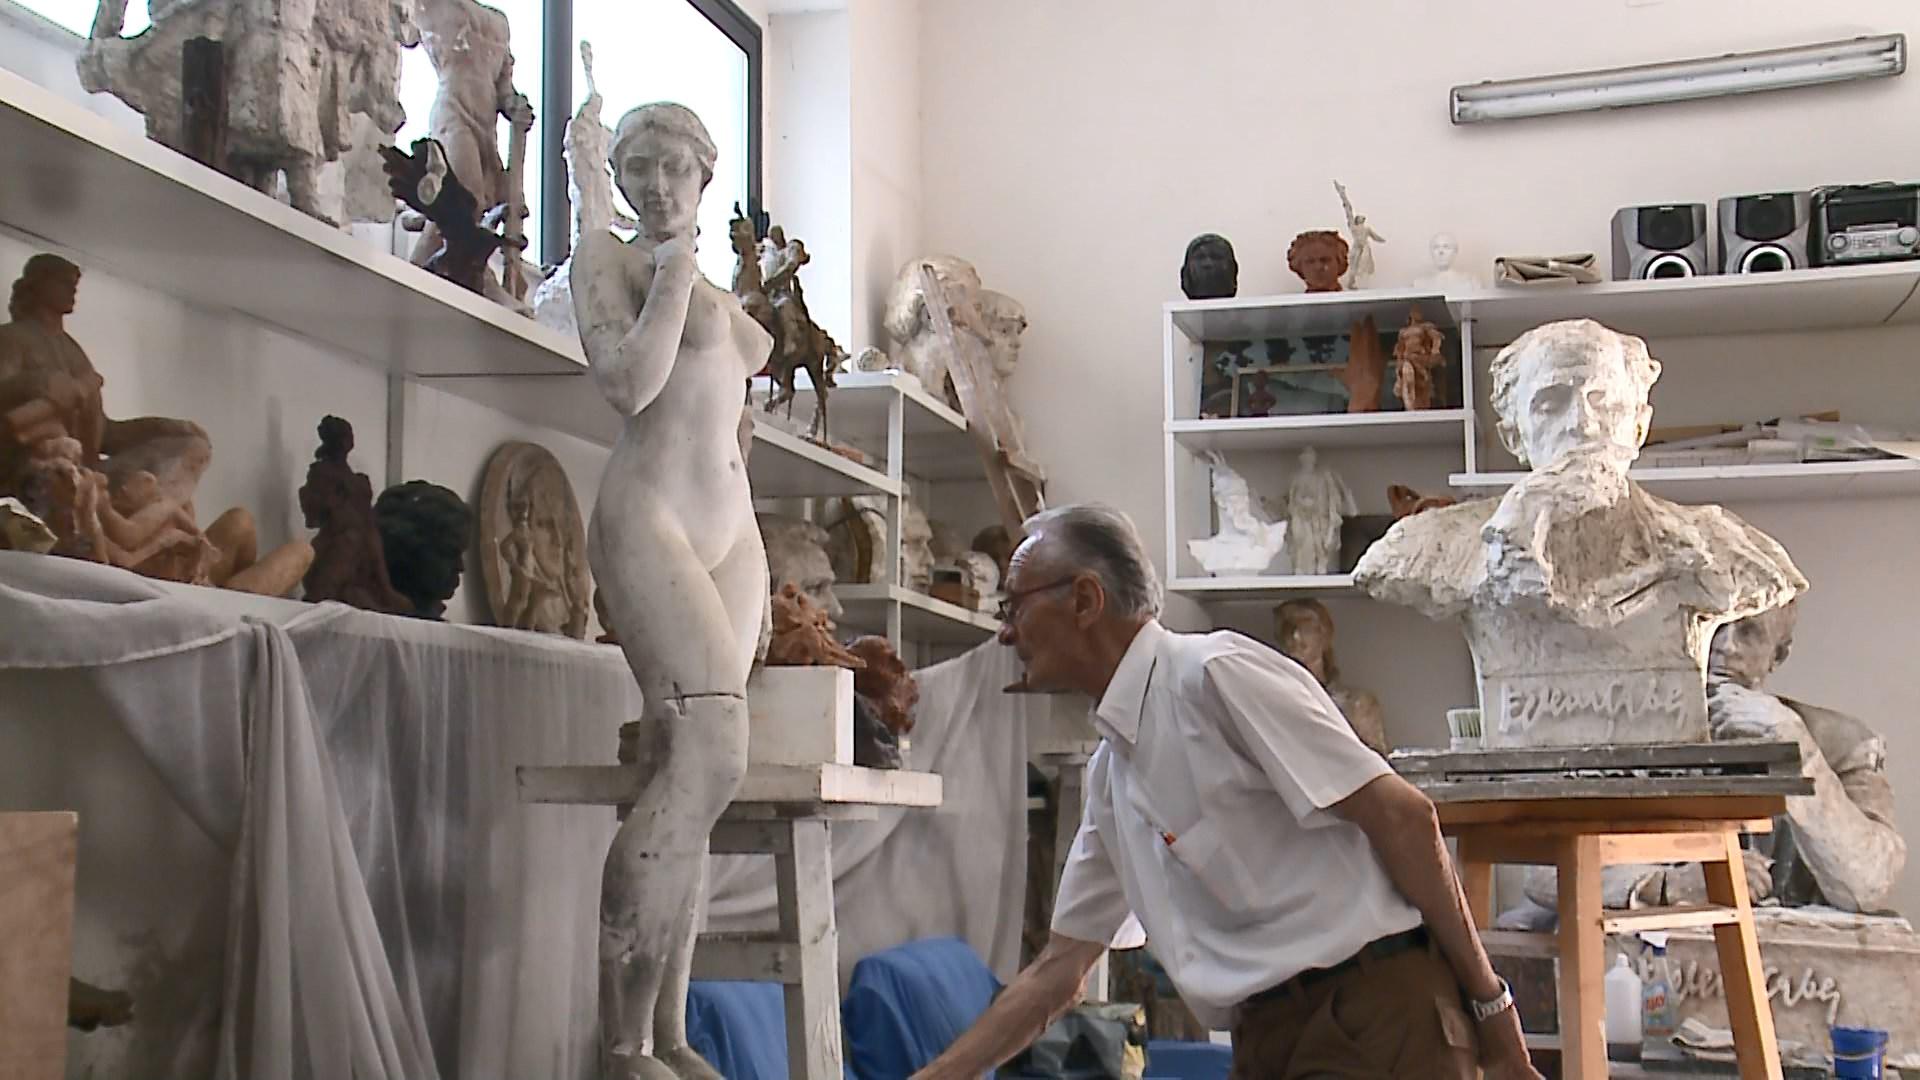 Hektor Dule, skulptori gdhendës i personaliteteve, historisë e nudove